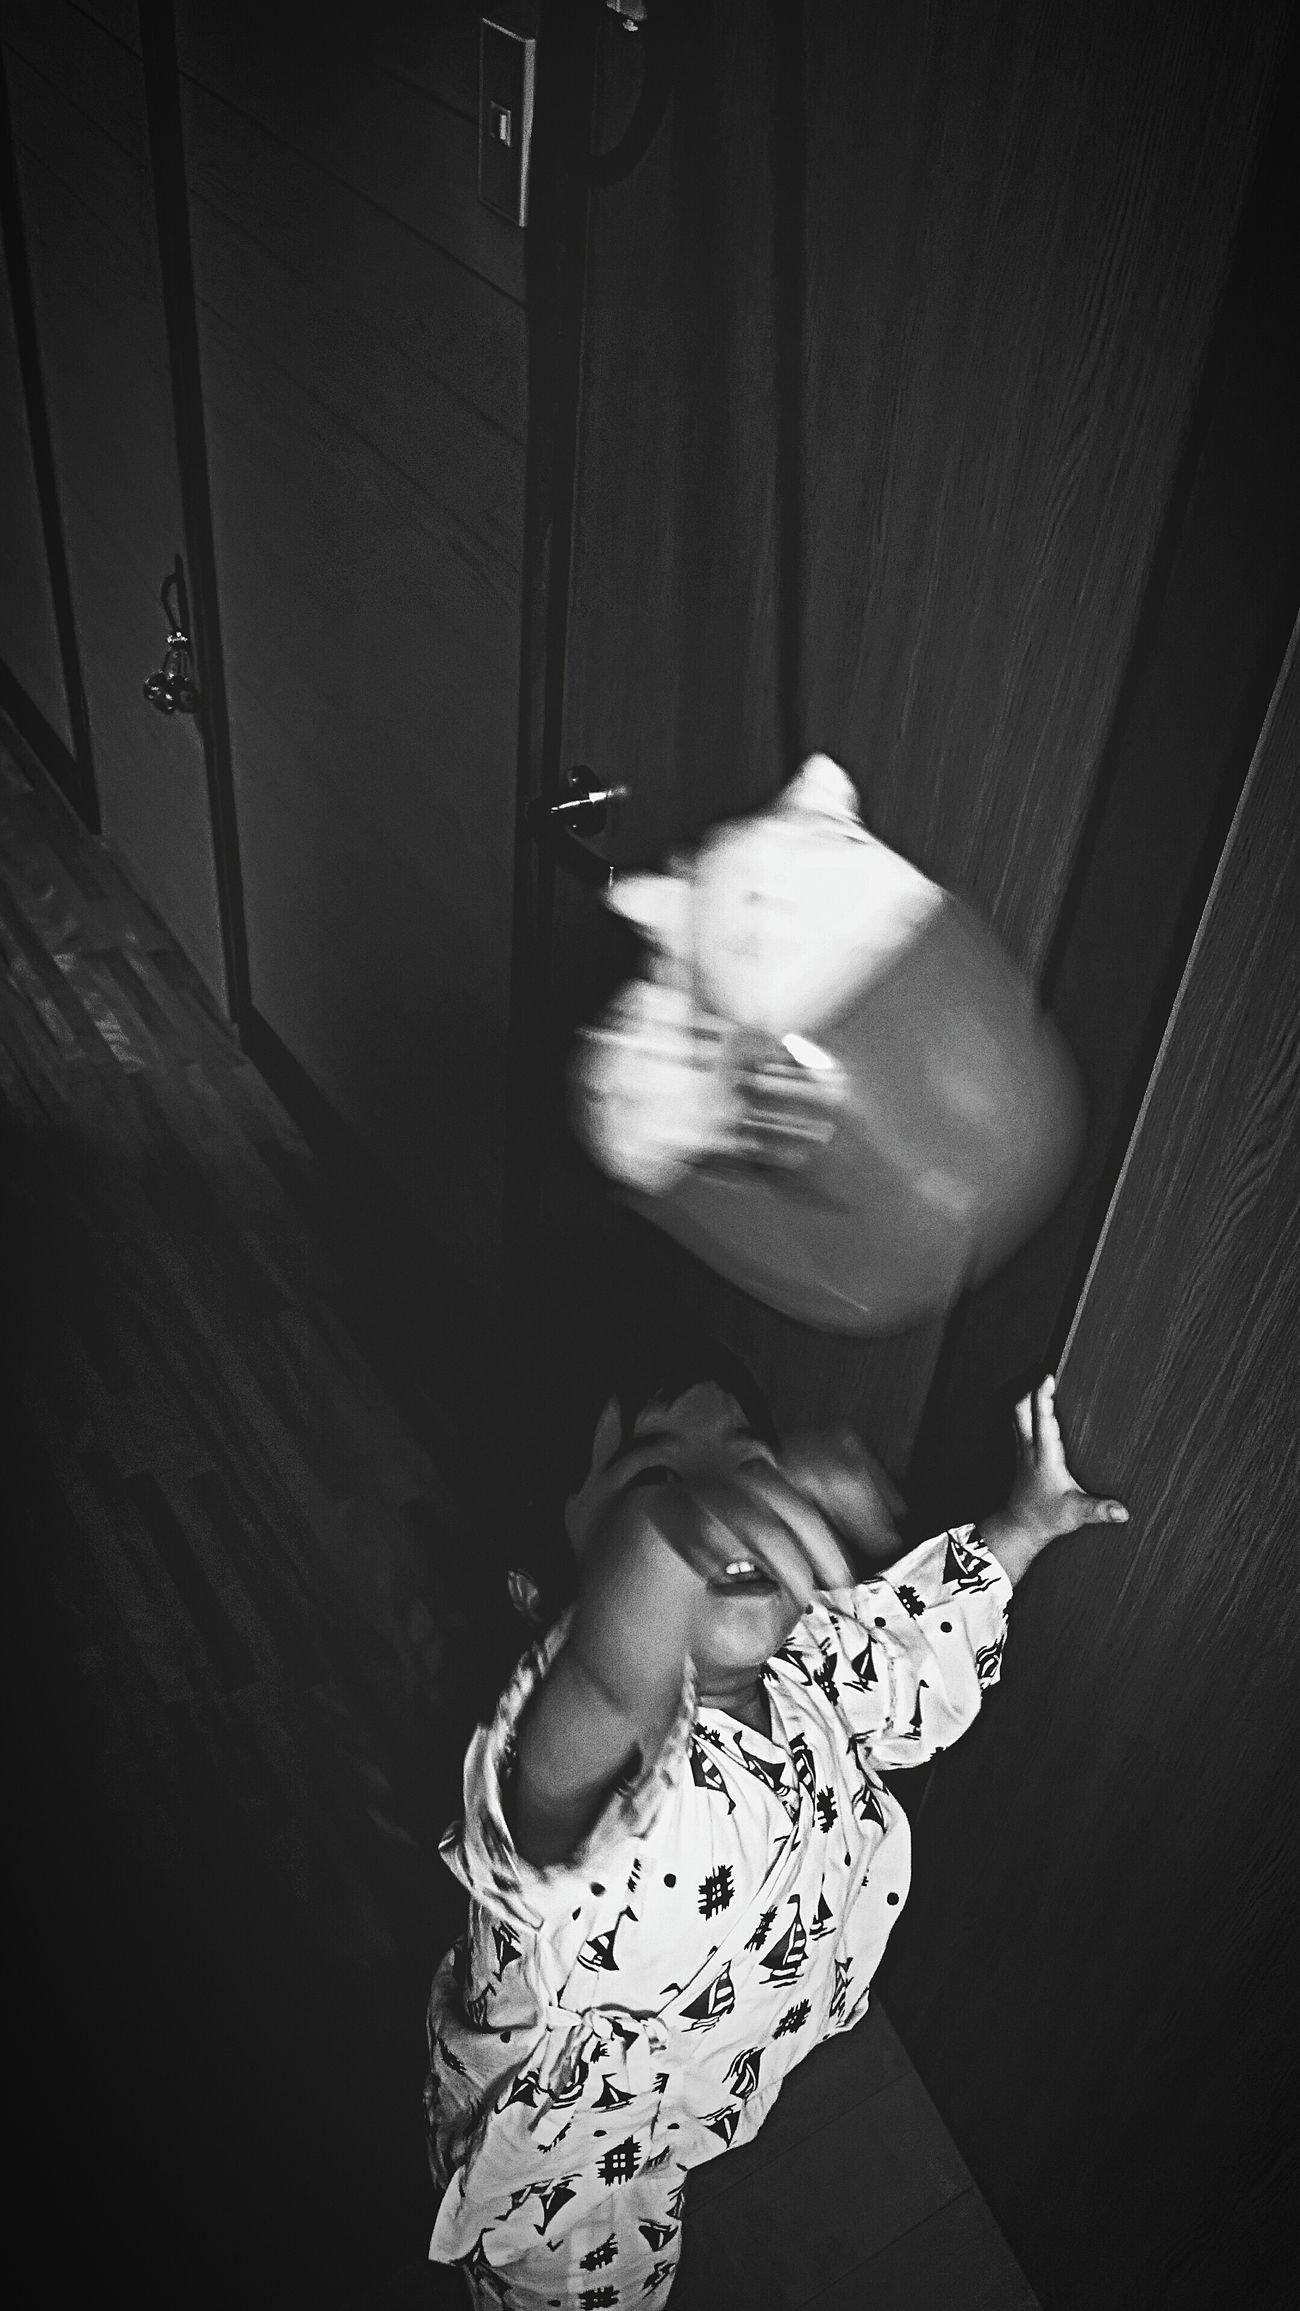 [16.05.31] 目覚め。 Black & White Monochrome Cool Japan Enjoying Life Person Child People Japan Black And White Japanese  Creative Light And Shadow すみっコぐらし ねこ ぬいぐるみ Toys Toy Indoors  Stuffed Animal Pixlr Human Hand